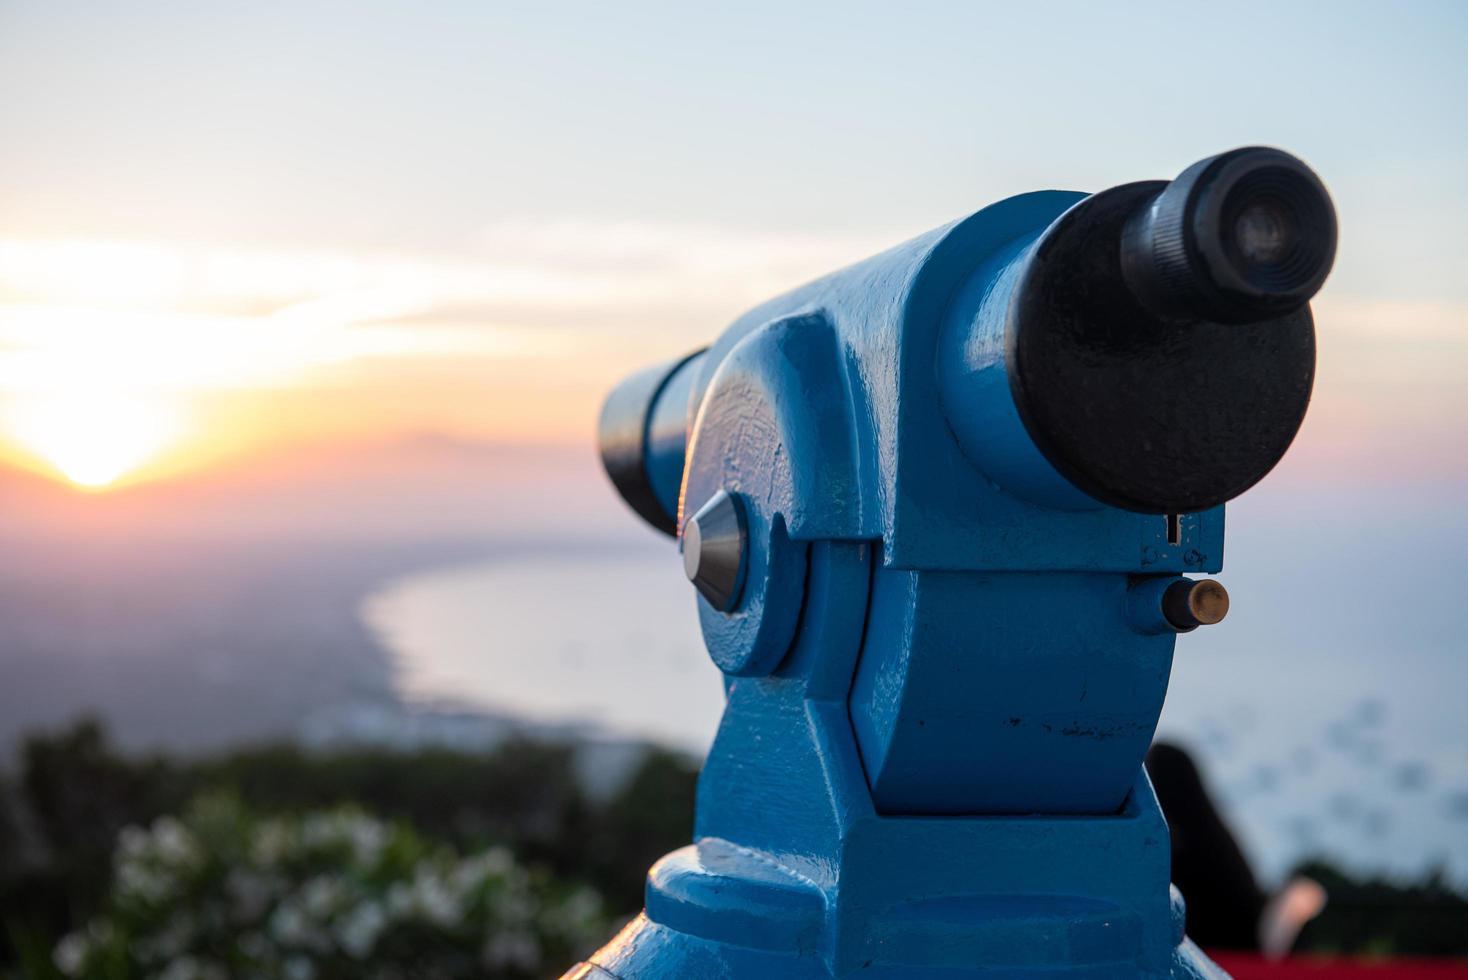 teleskop i riktning mot formentera landskapet foto